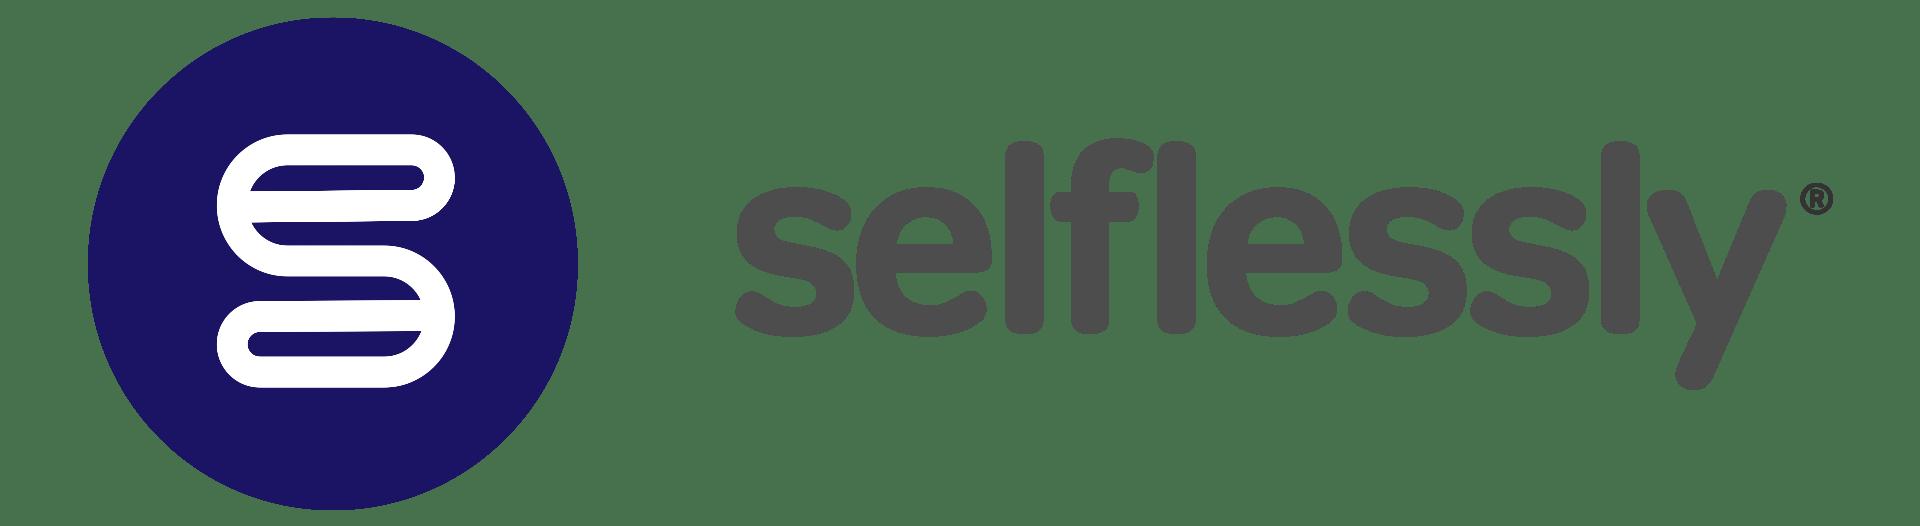 Selfless.ly